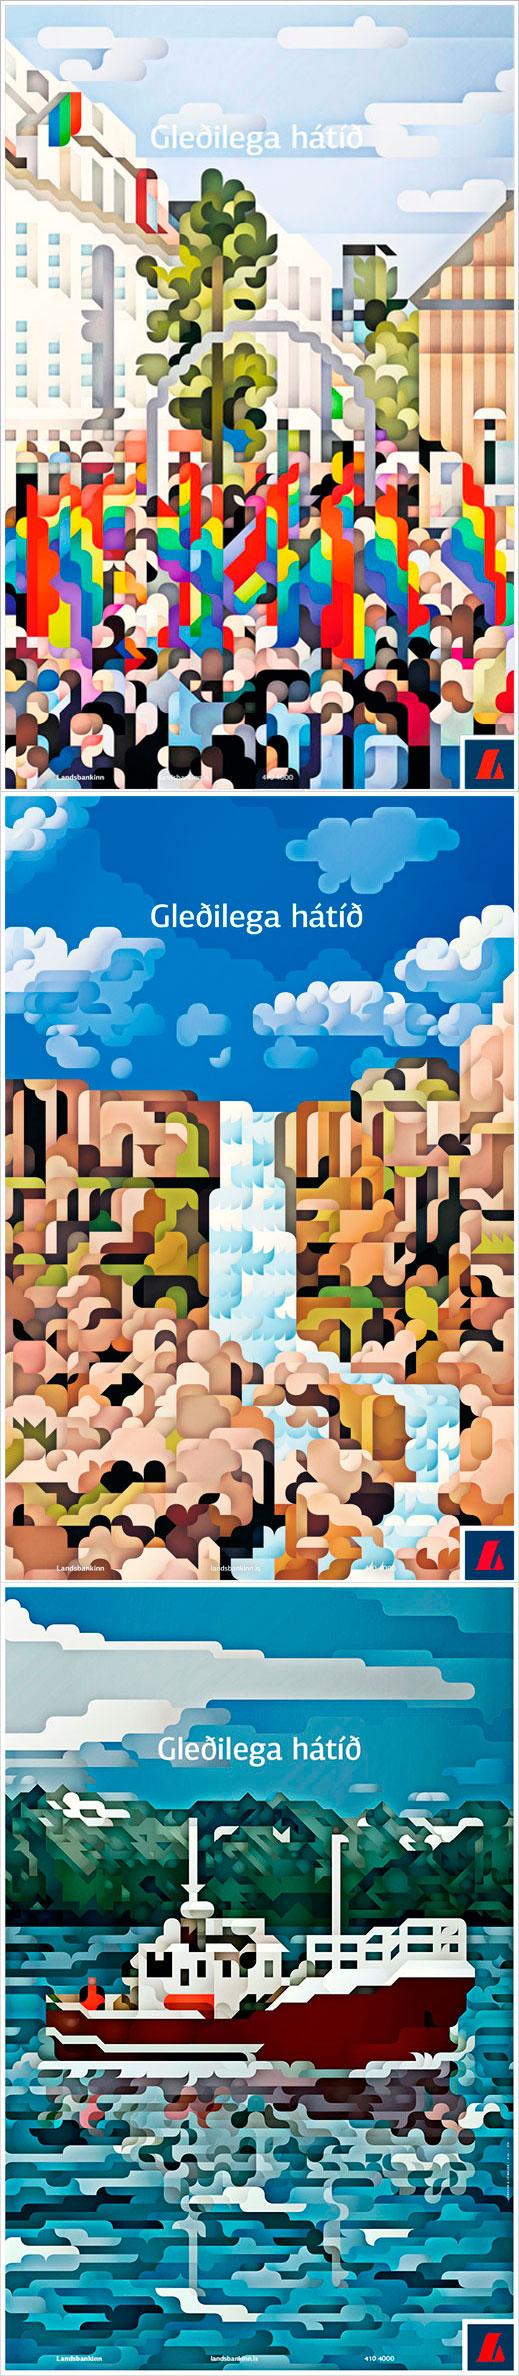 Islanti graafikon silmin, osa 3. Lansbankinn. Kyllä, rahoitusliikkeen grafiikka voi näyttää myös tältä. Siggi Eggertssonin kuvitukset ovat todellakin ajan hermolla, mutta hienointa on niiden yhdistäminen noinkin vakavahenkiseen alaan.   Kuvat: http://www.jl.is/verkin/landsbankinn/